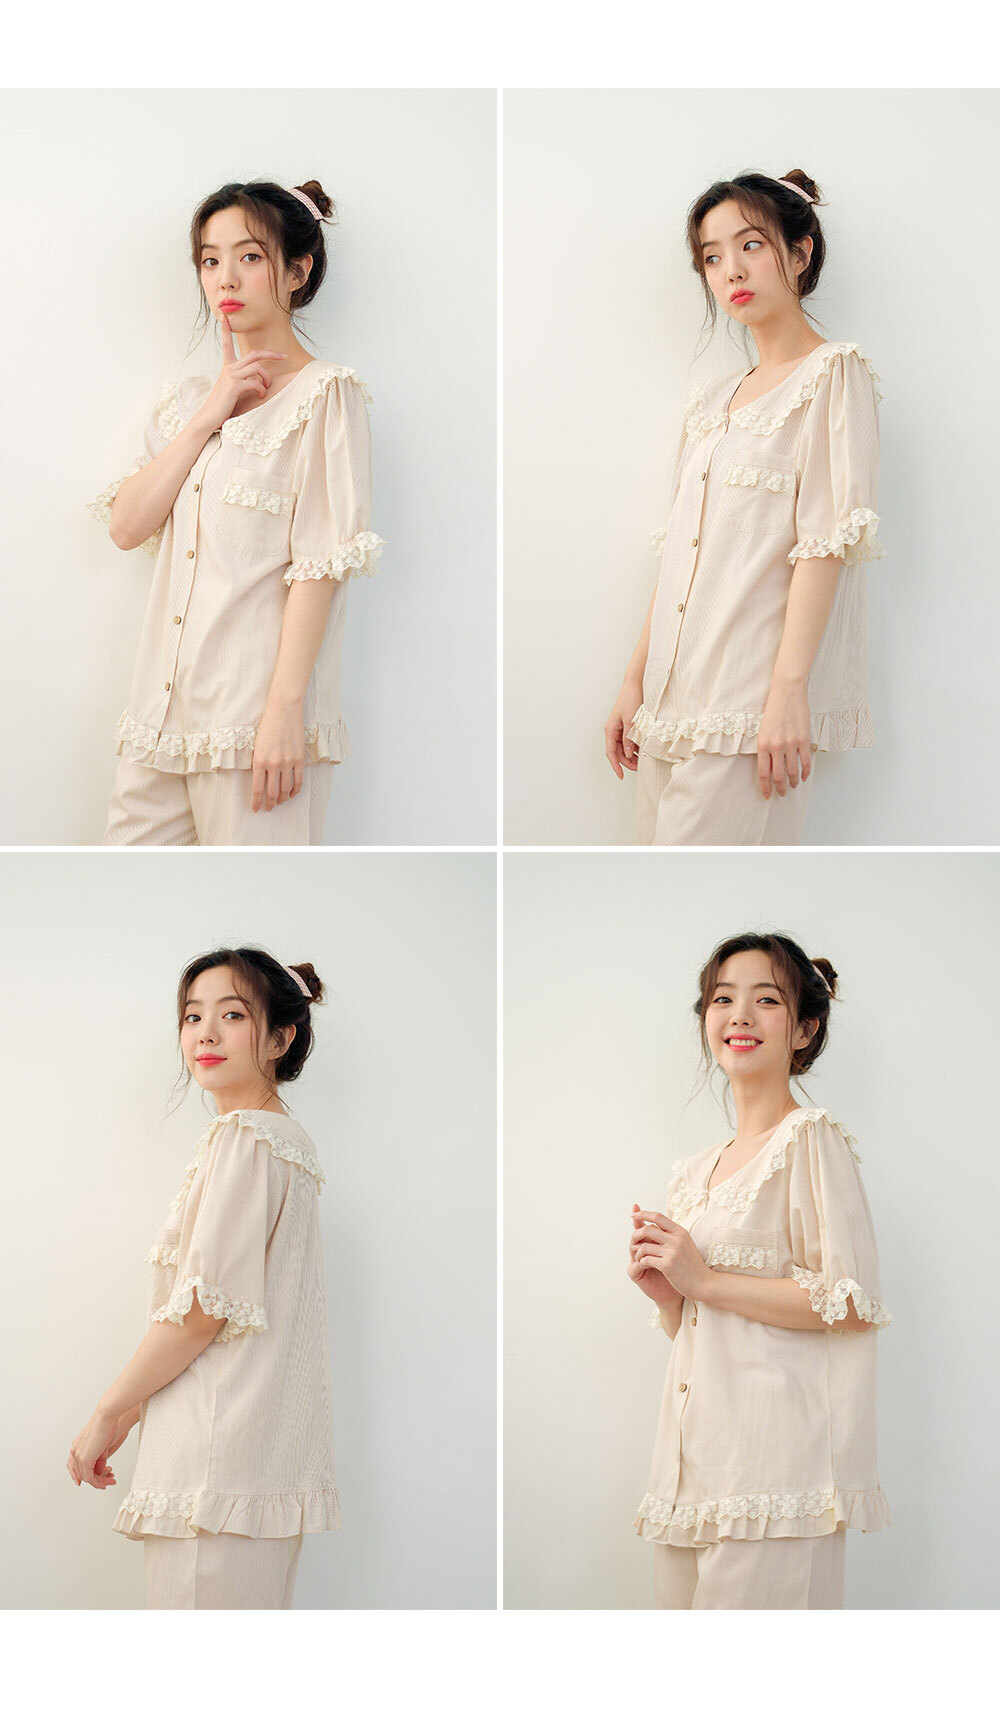 바케트 면 여자 여름잠옷 파자마 - 바이메이비, 73,800원, 잠옷, 여성파자마